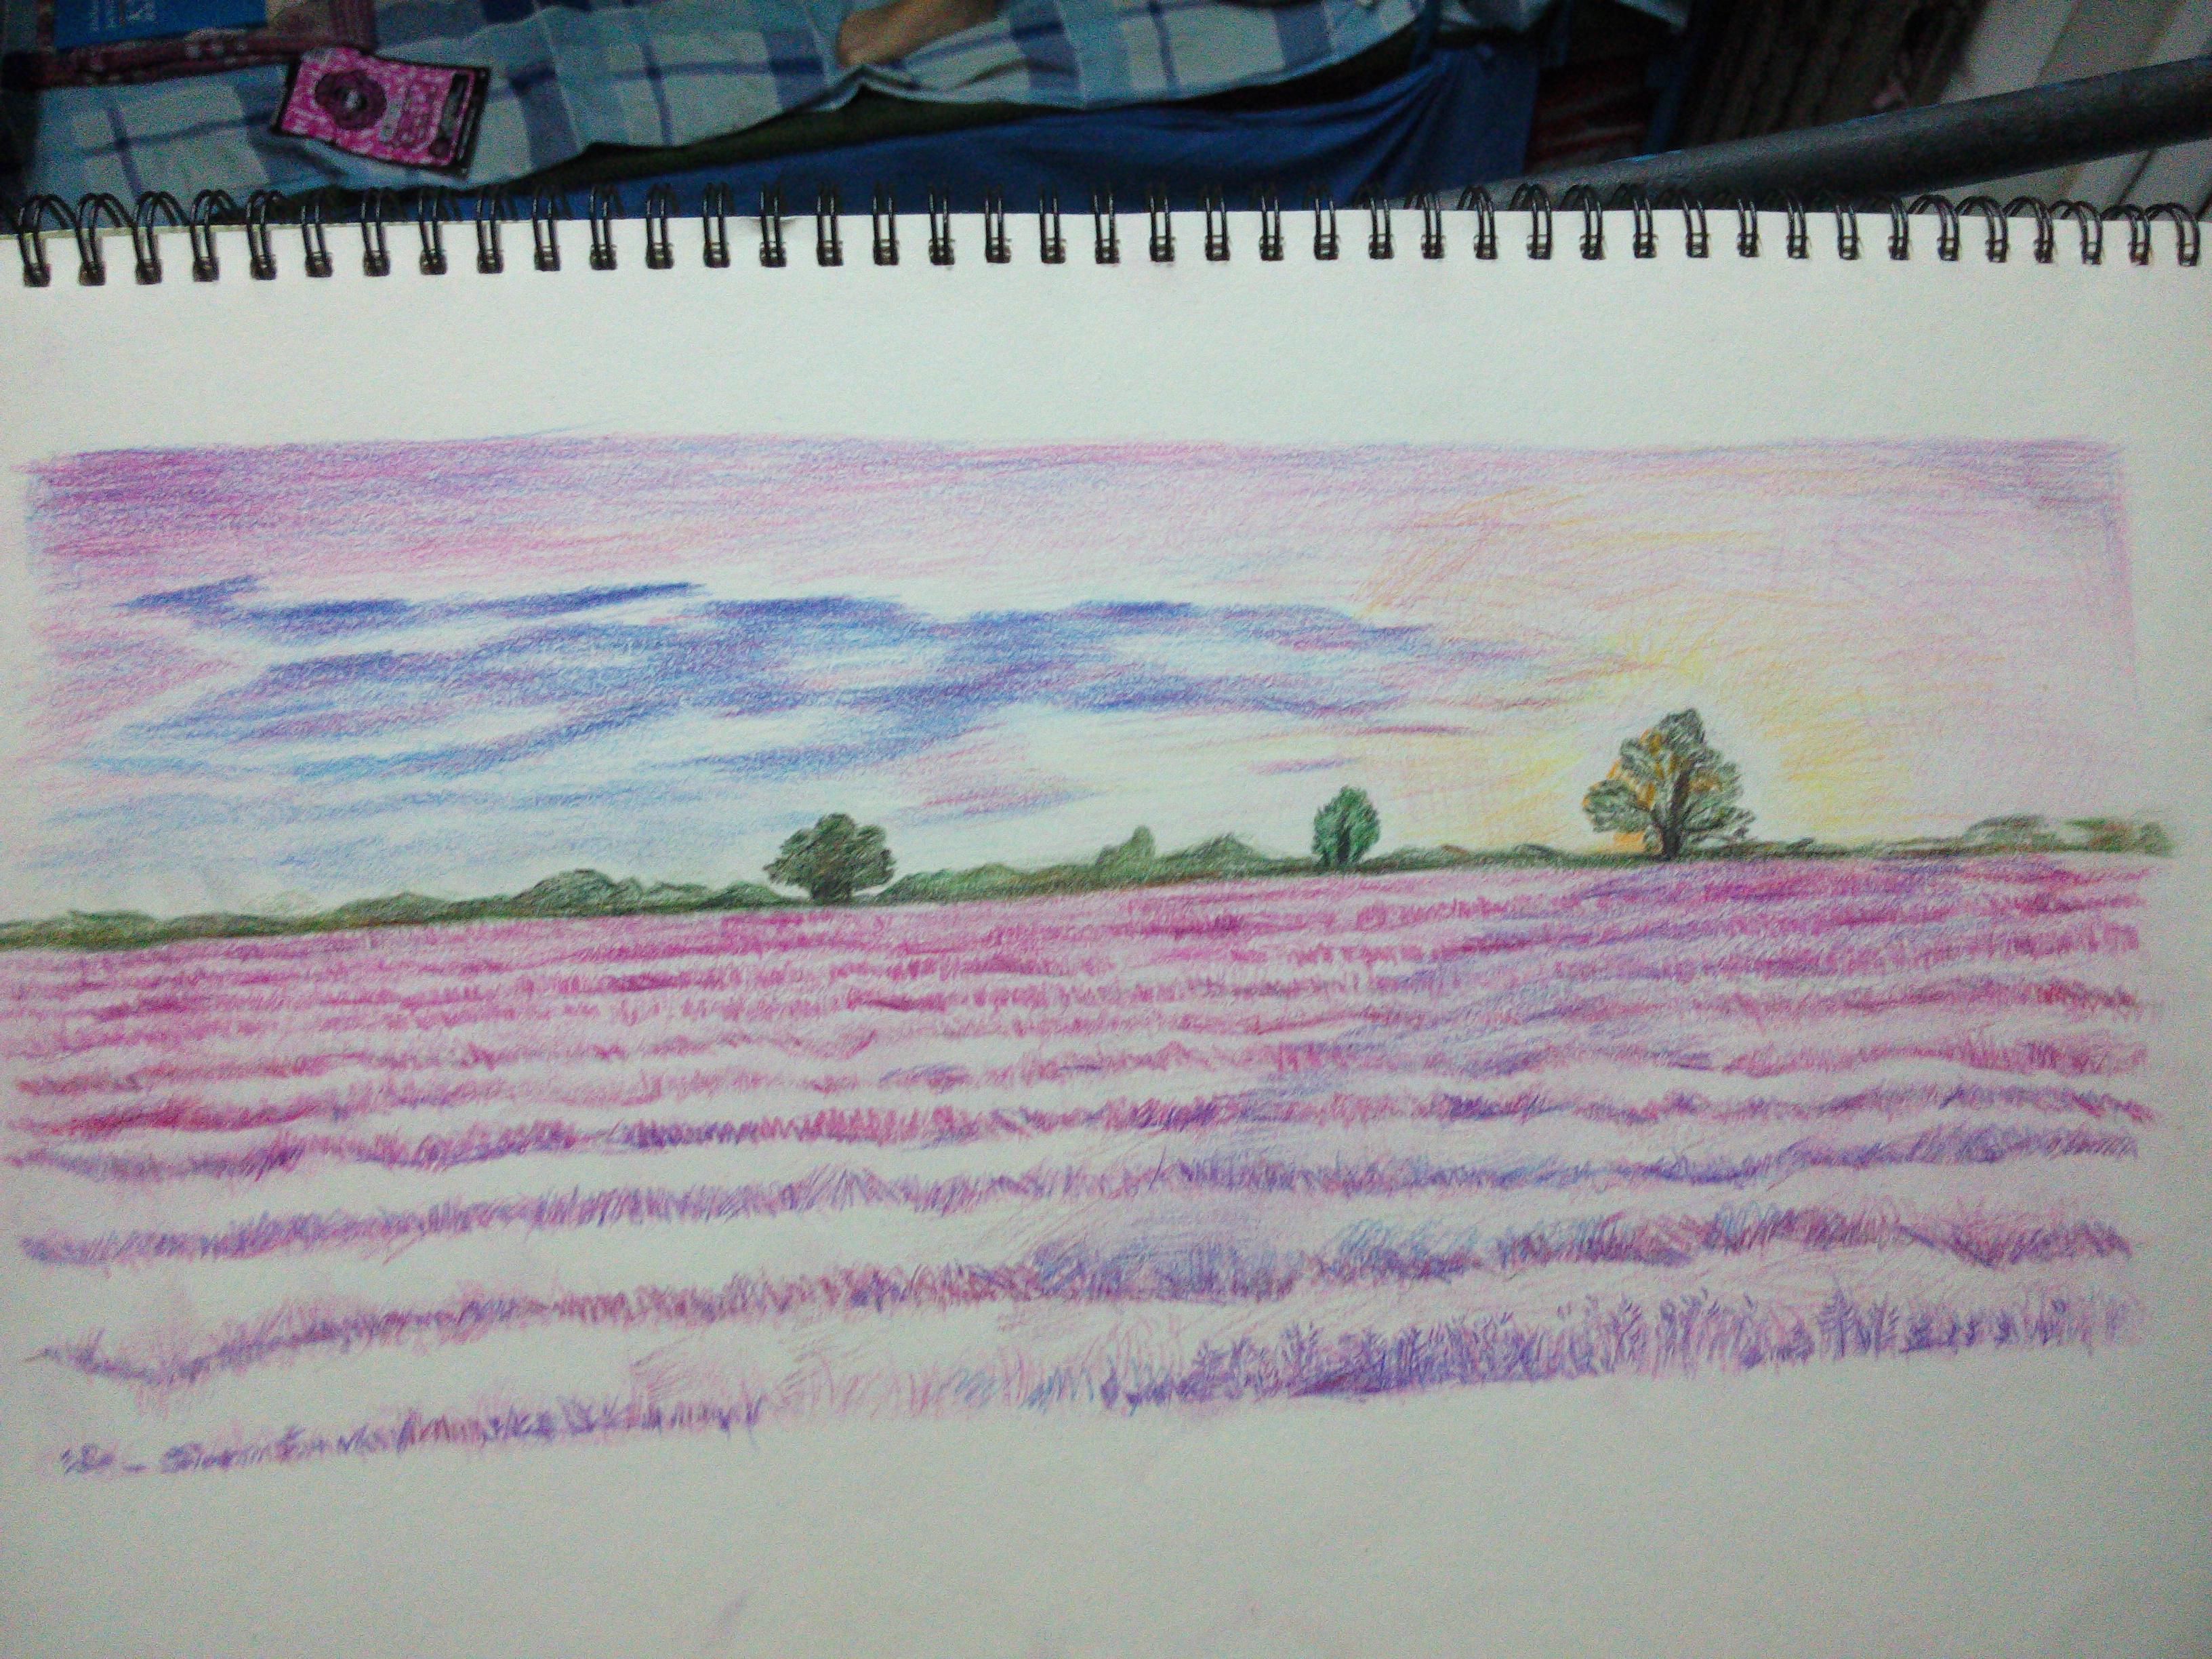 彩铅手绘|其他|其他|尛雪花 - 原创作品 - 站酷